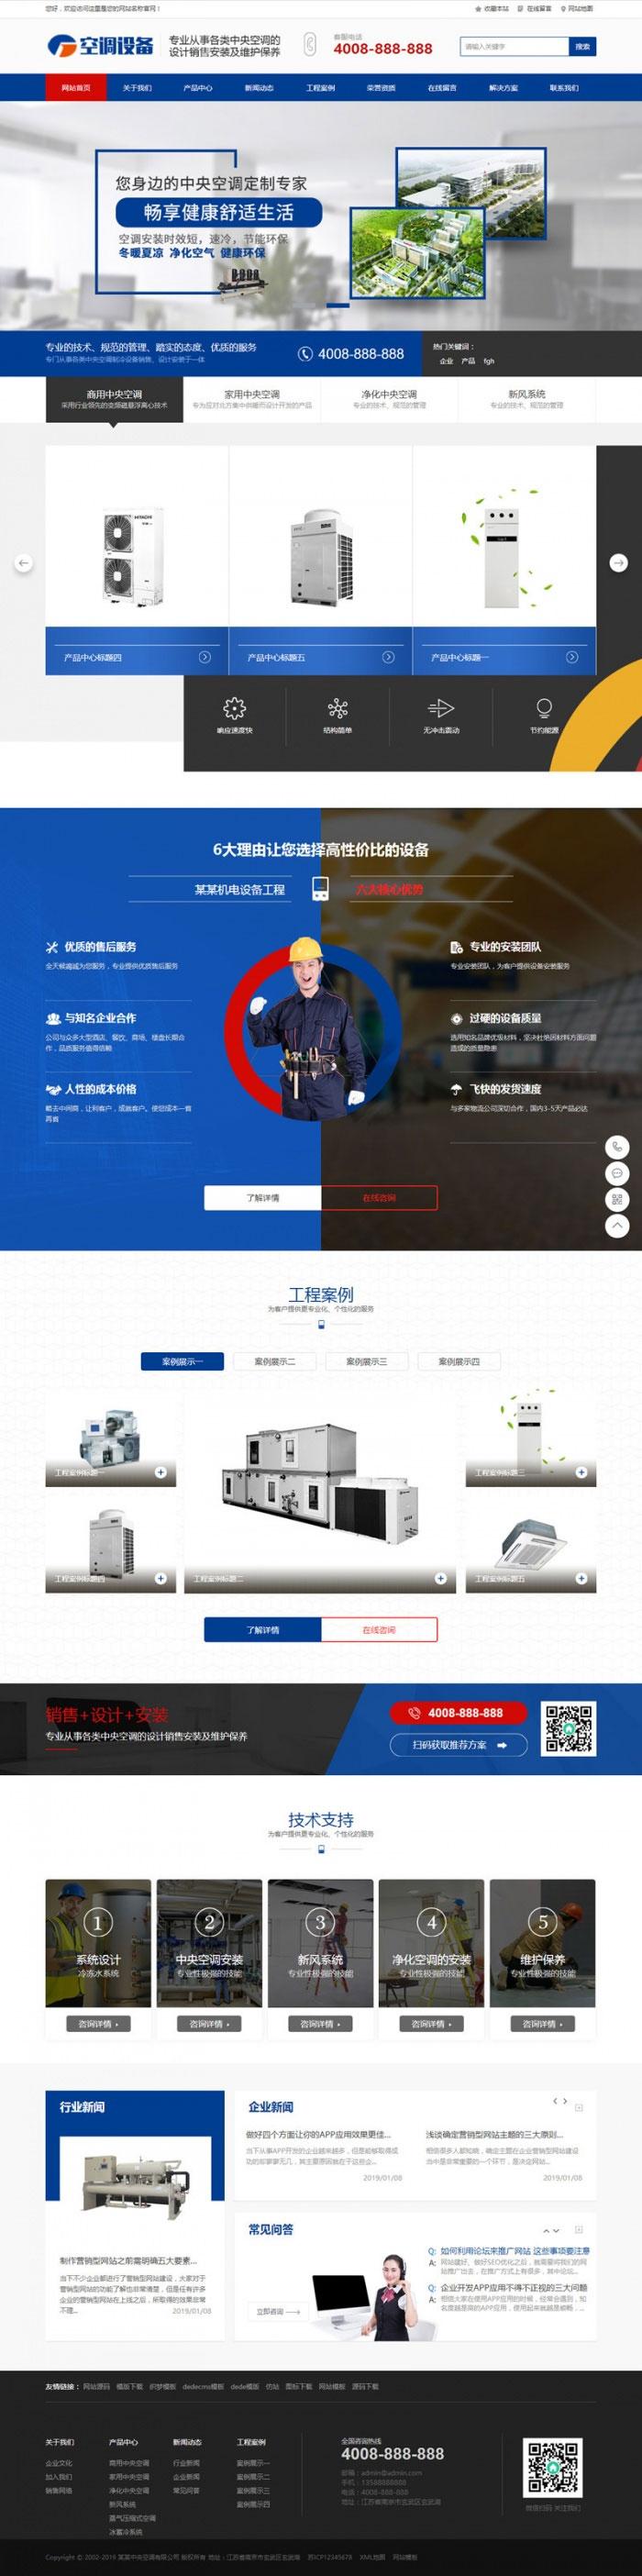 织梦dedecms模板蓝色营销型空调制冷设备公司网站模板源码,PC+WAP端